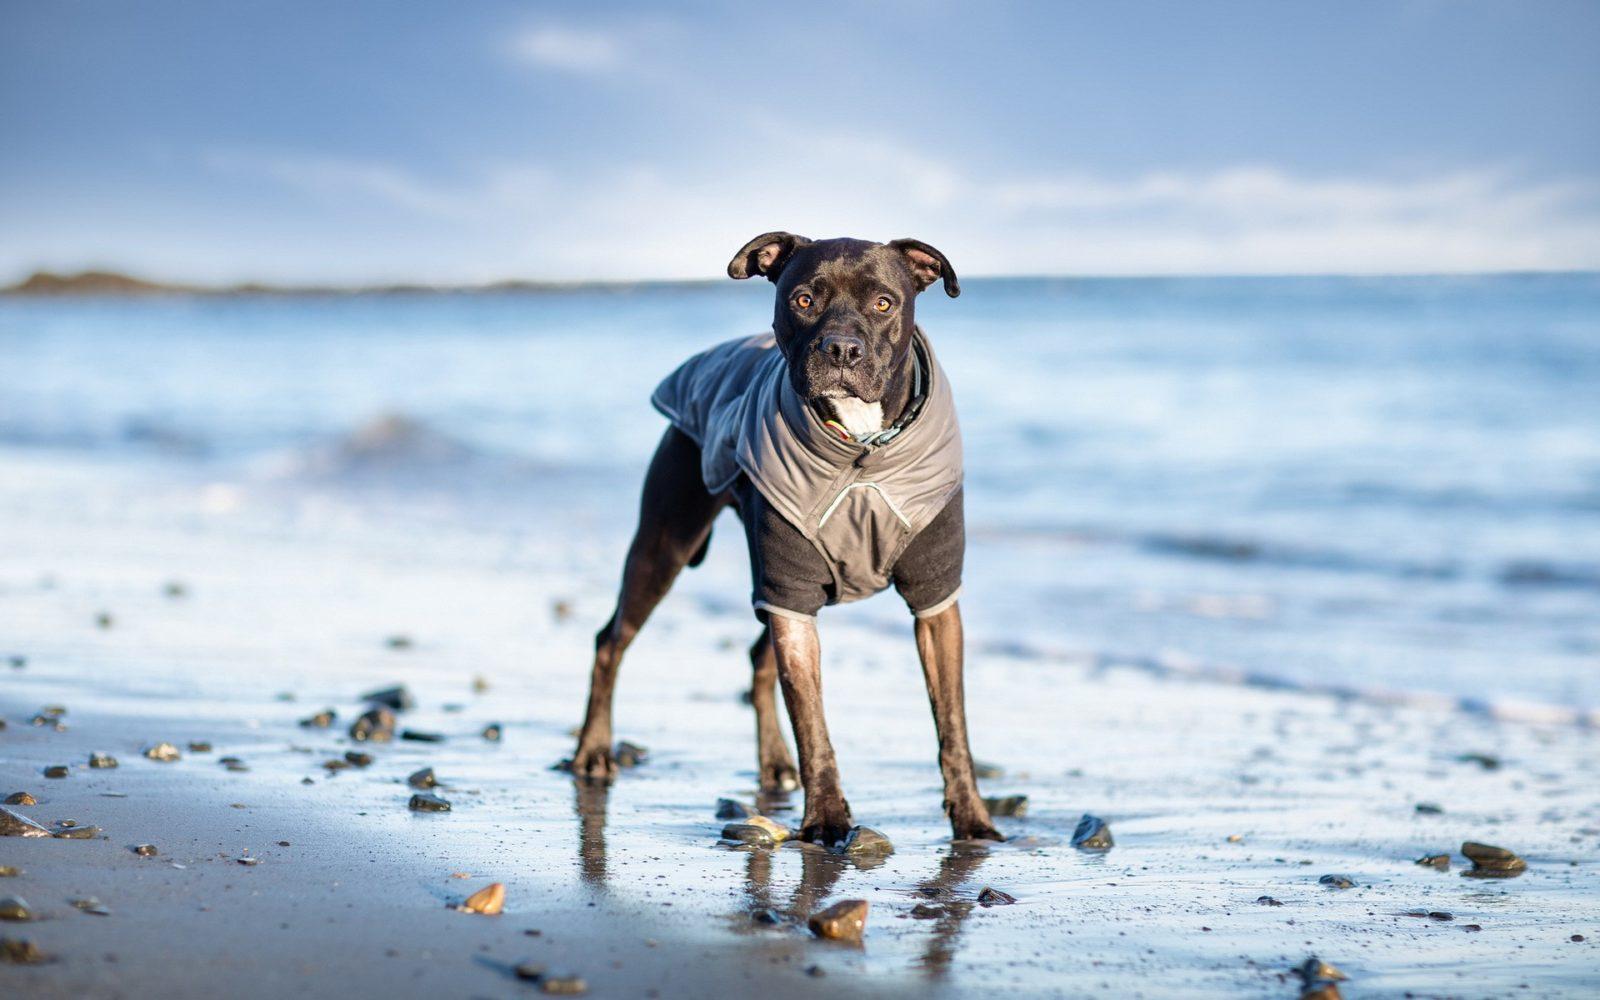 Fotografia kolorowa, na tle morze stoi brązowy pies ubrany w czarną kurteczkę.